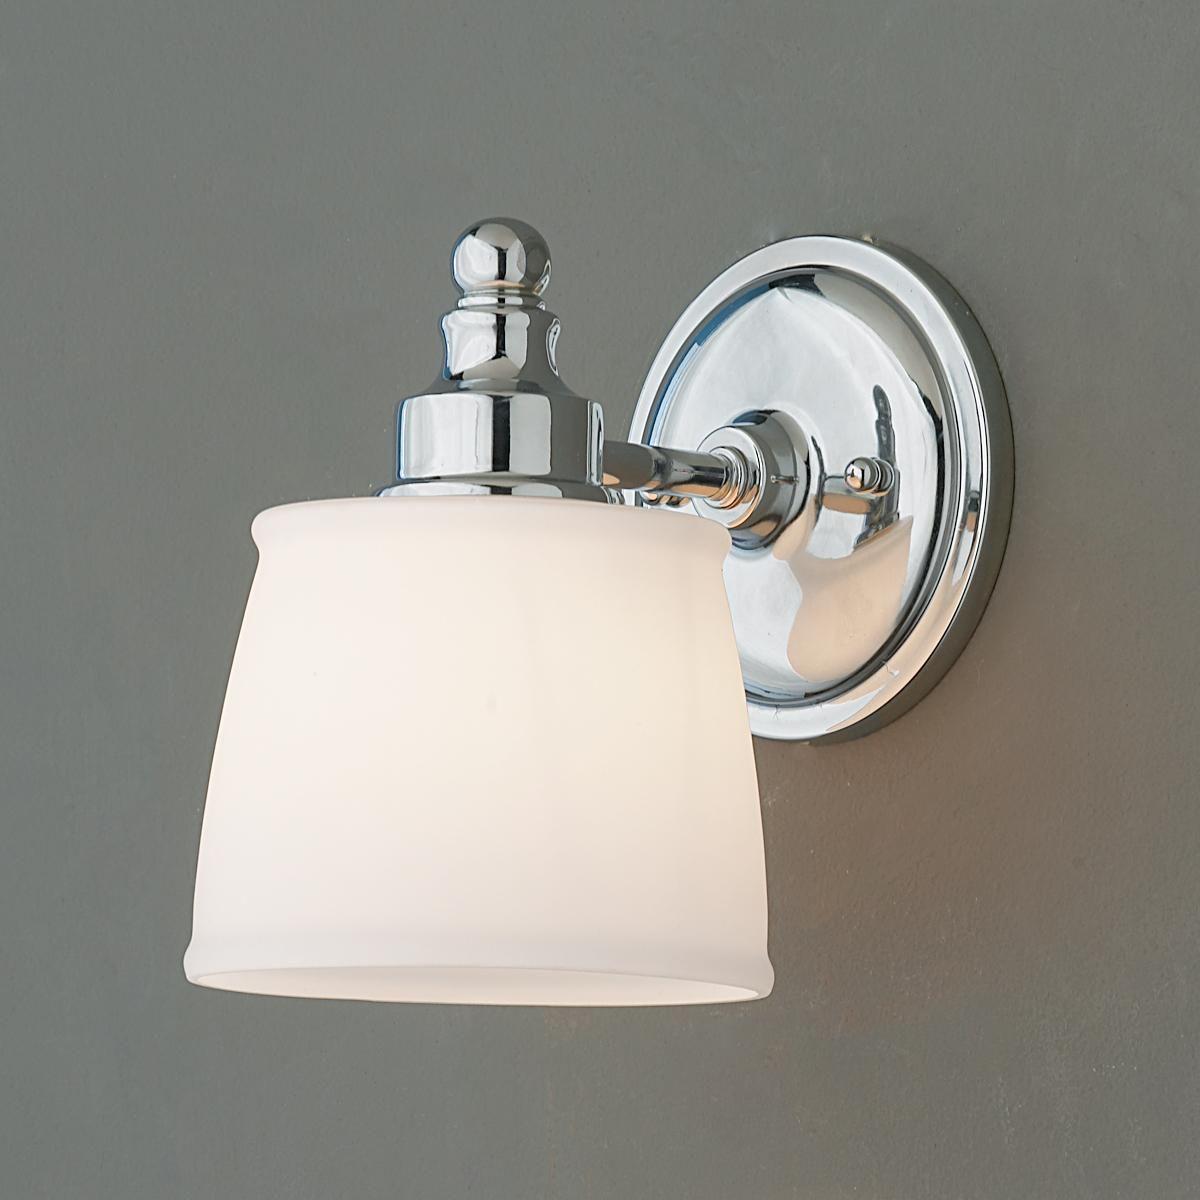 Antique Bathroom Lighting bygone classic bath light - 1 light | classic baths, bath light